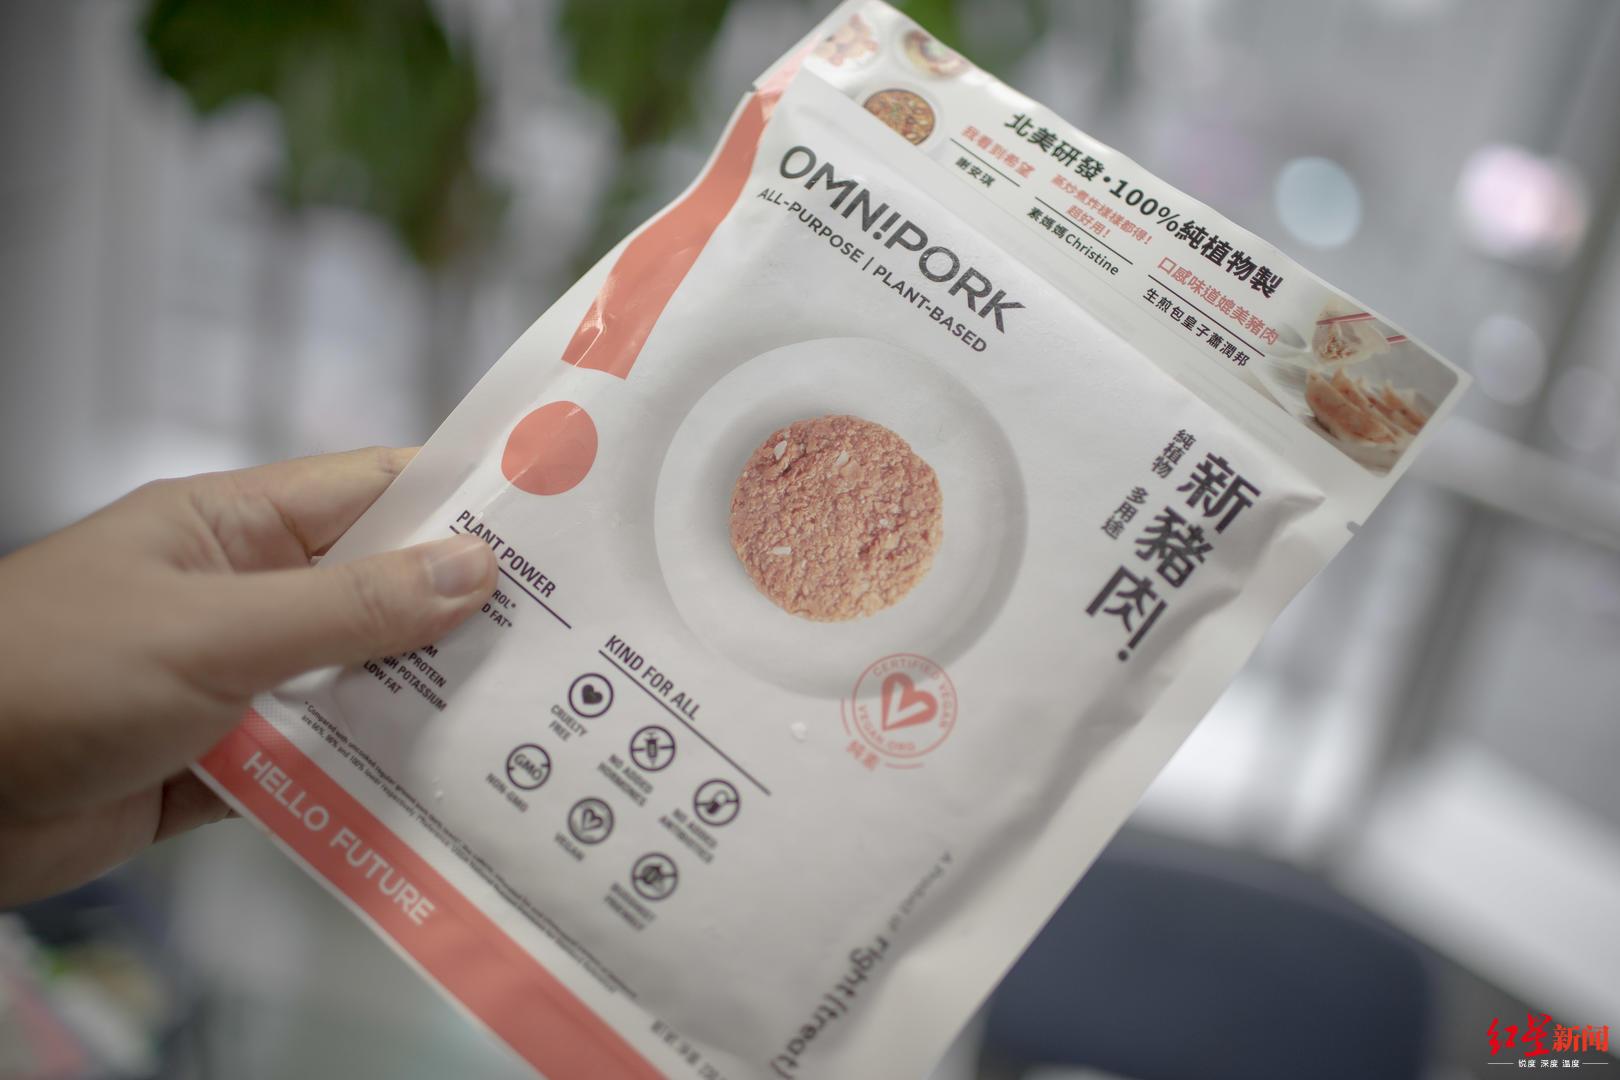 人造肉国内首次开售?!这家素食食品公司立即打脸